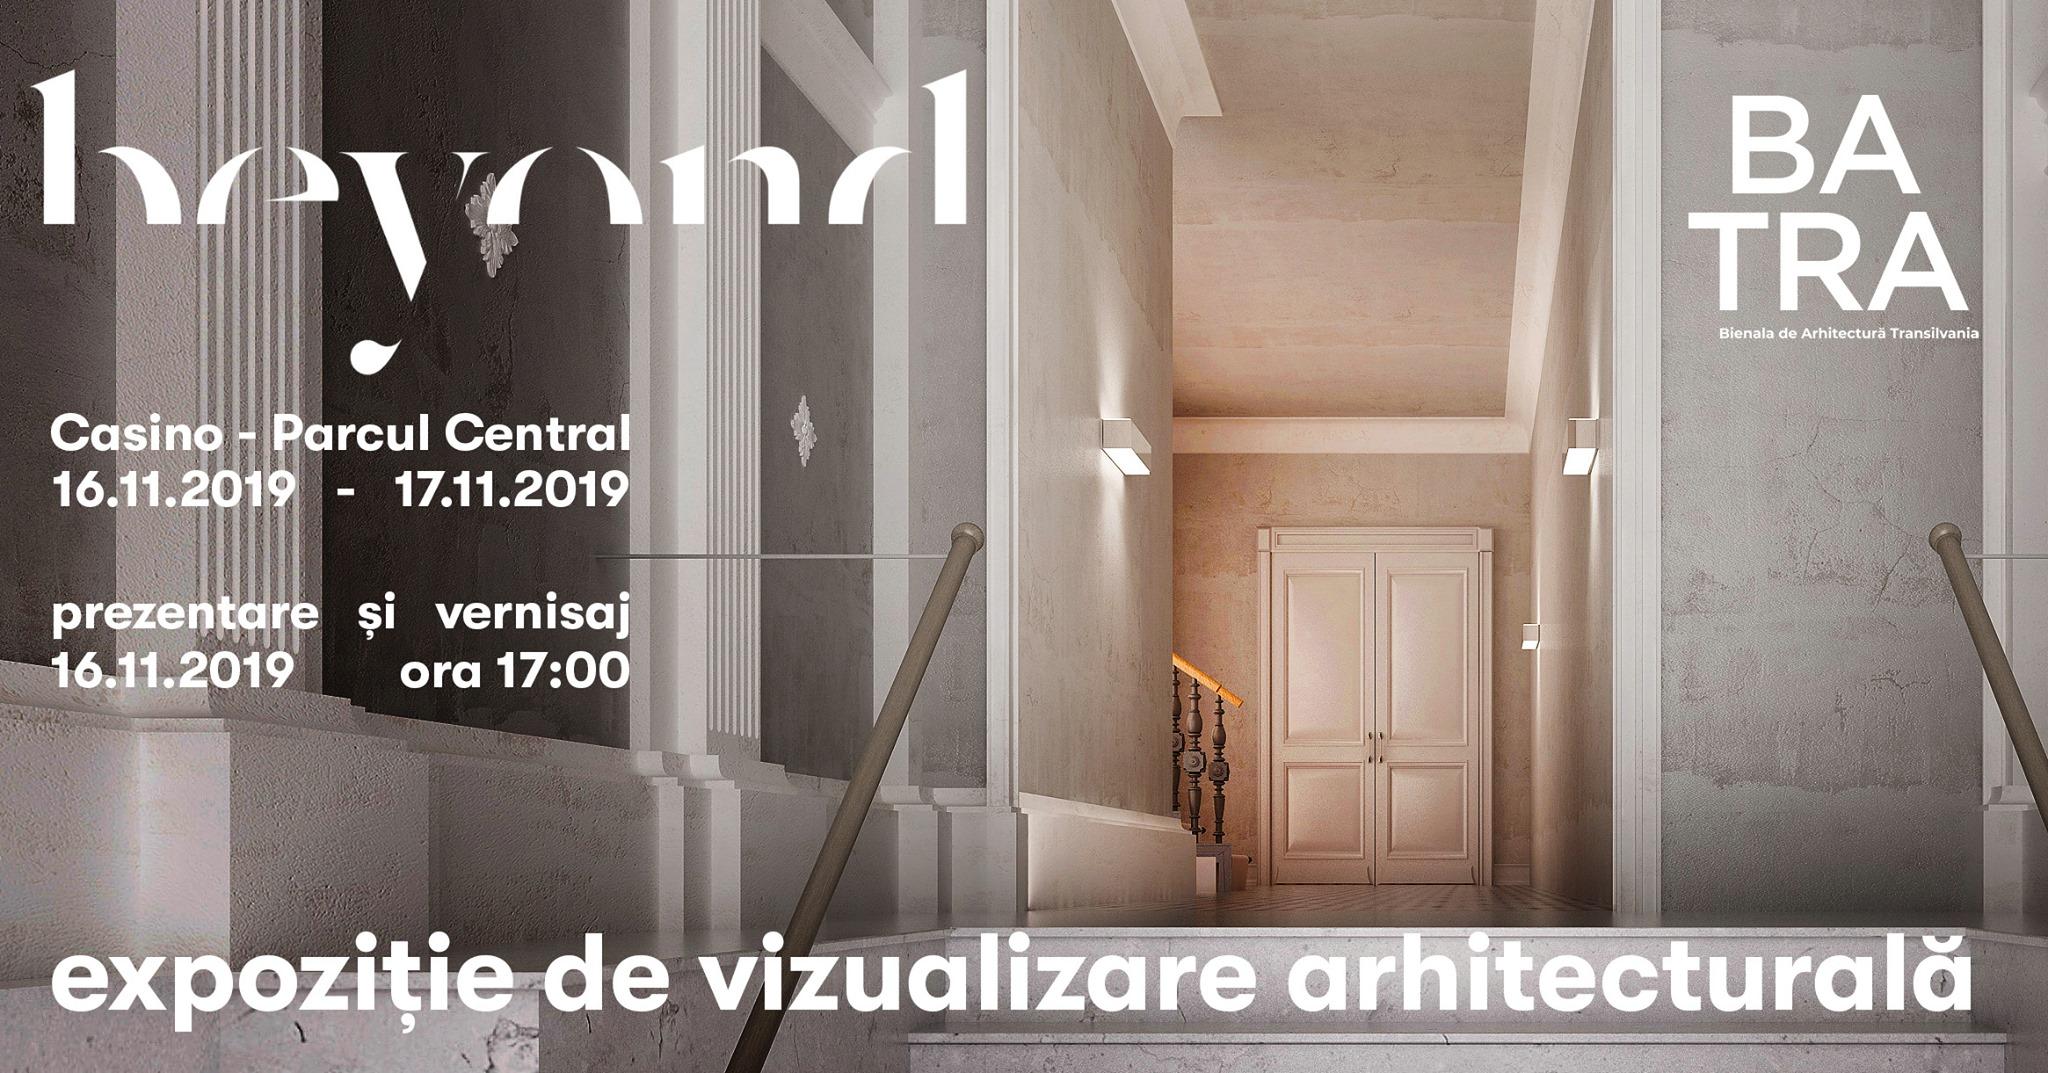 Beyond – expoziție de vizualizare arhitecturală